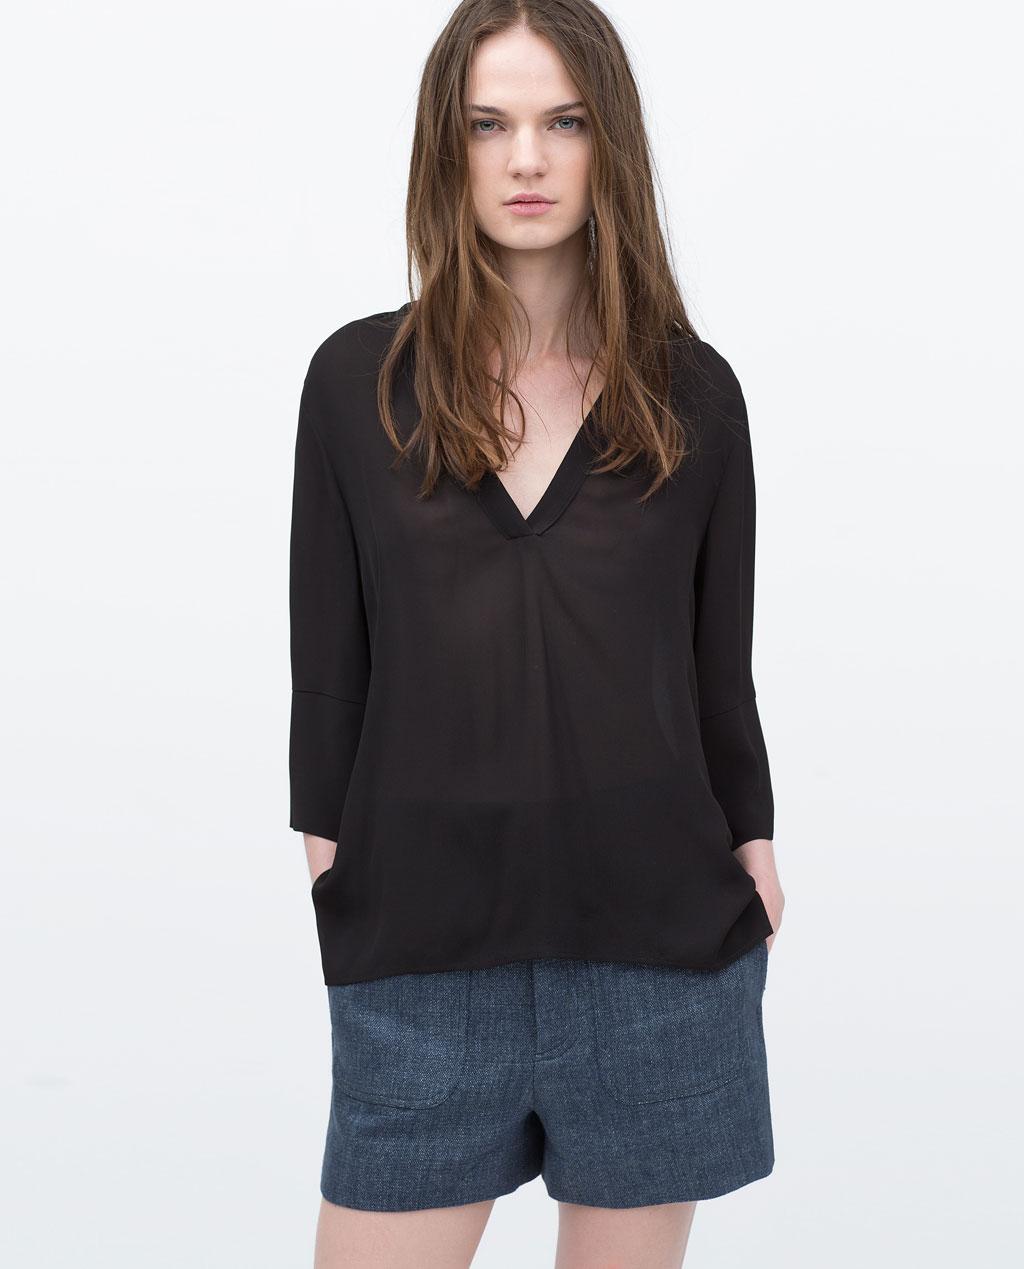 czarna koszula (źródło: zara.com)